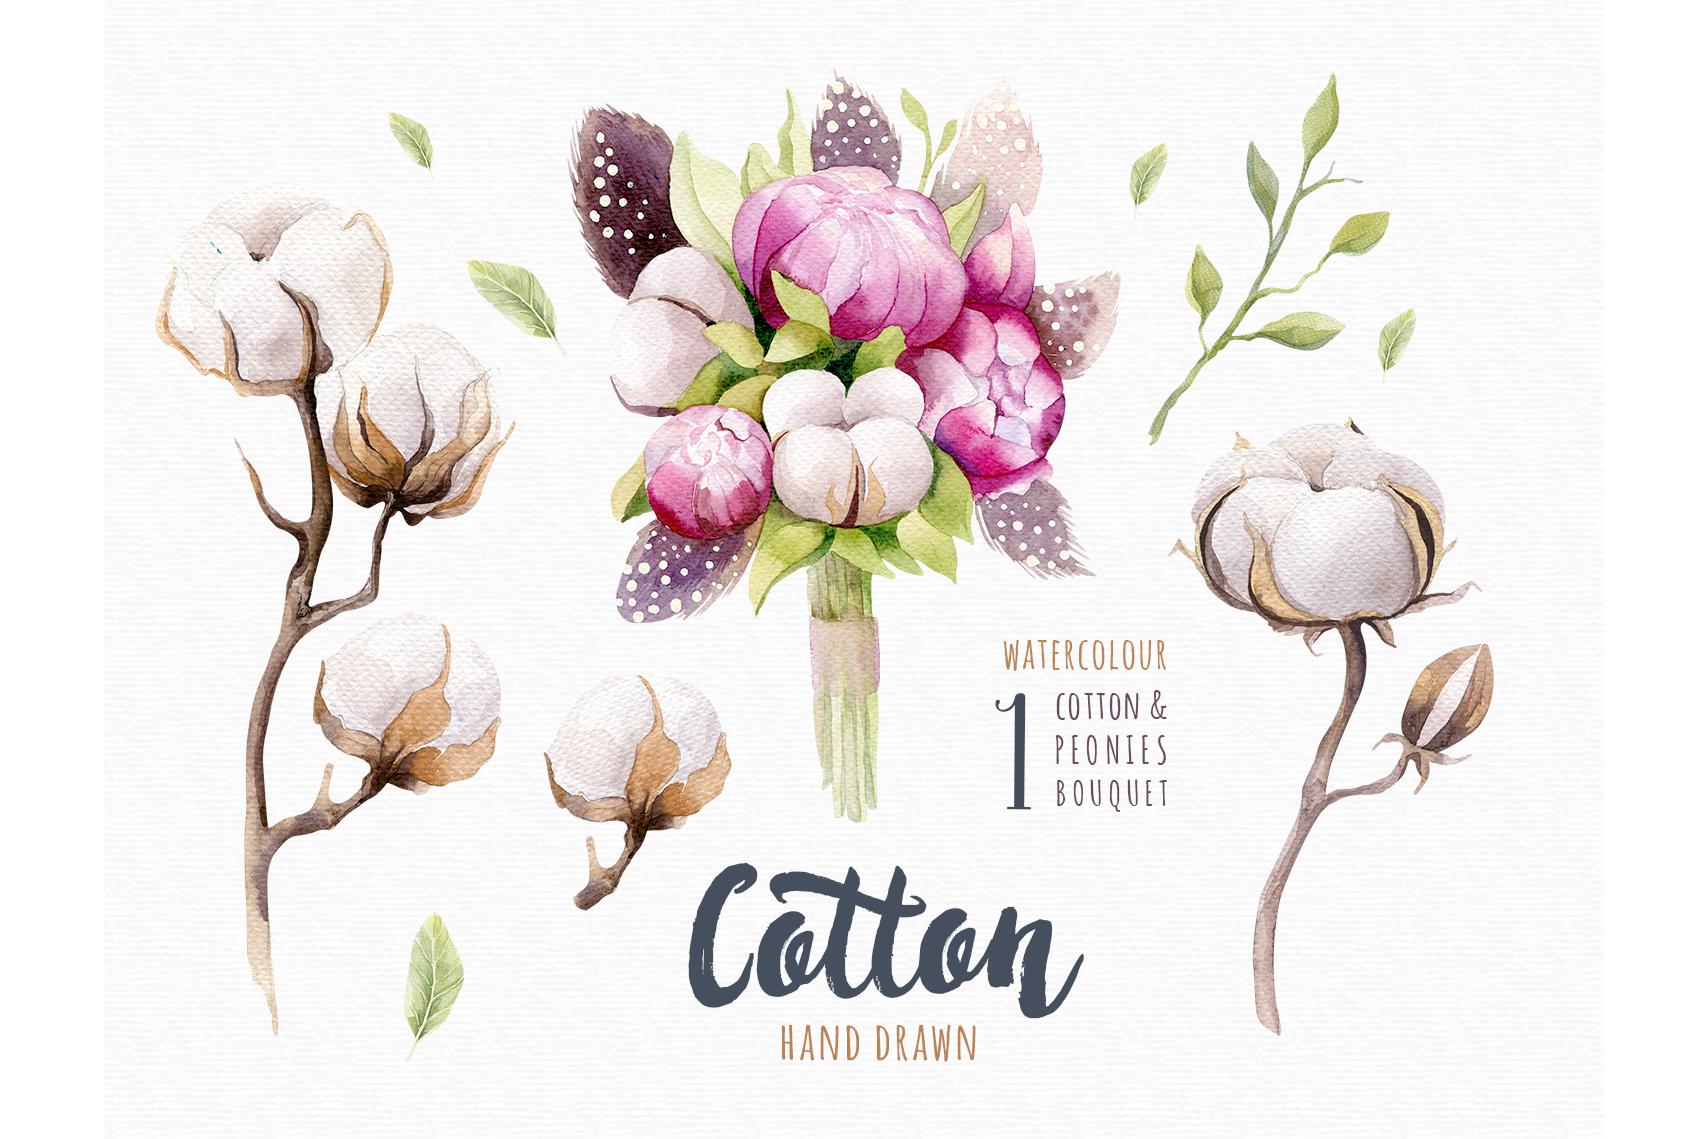 Watercolour cotton & birds example image 5